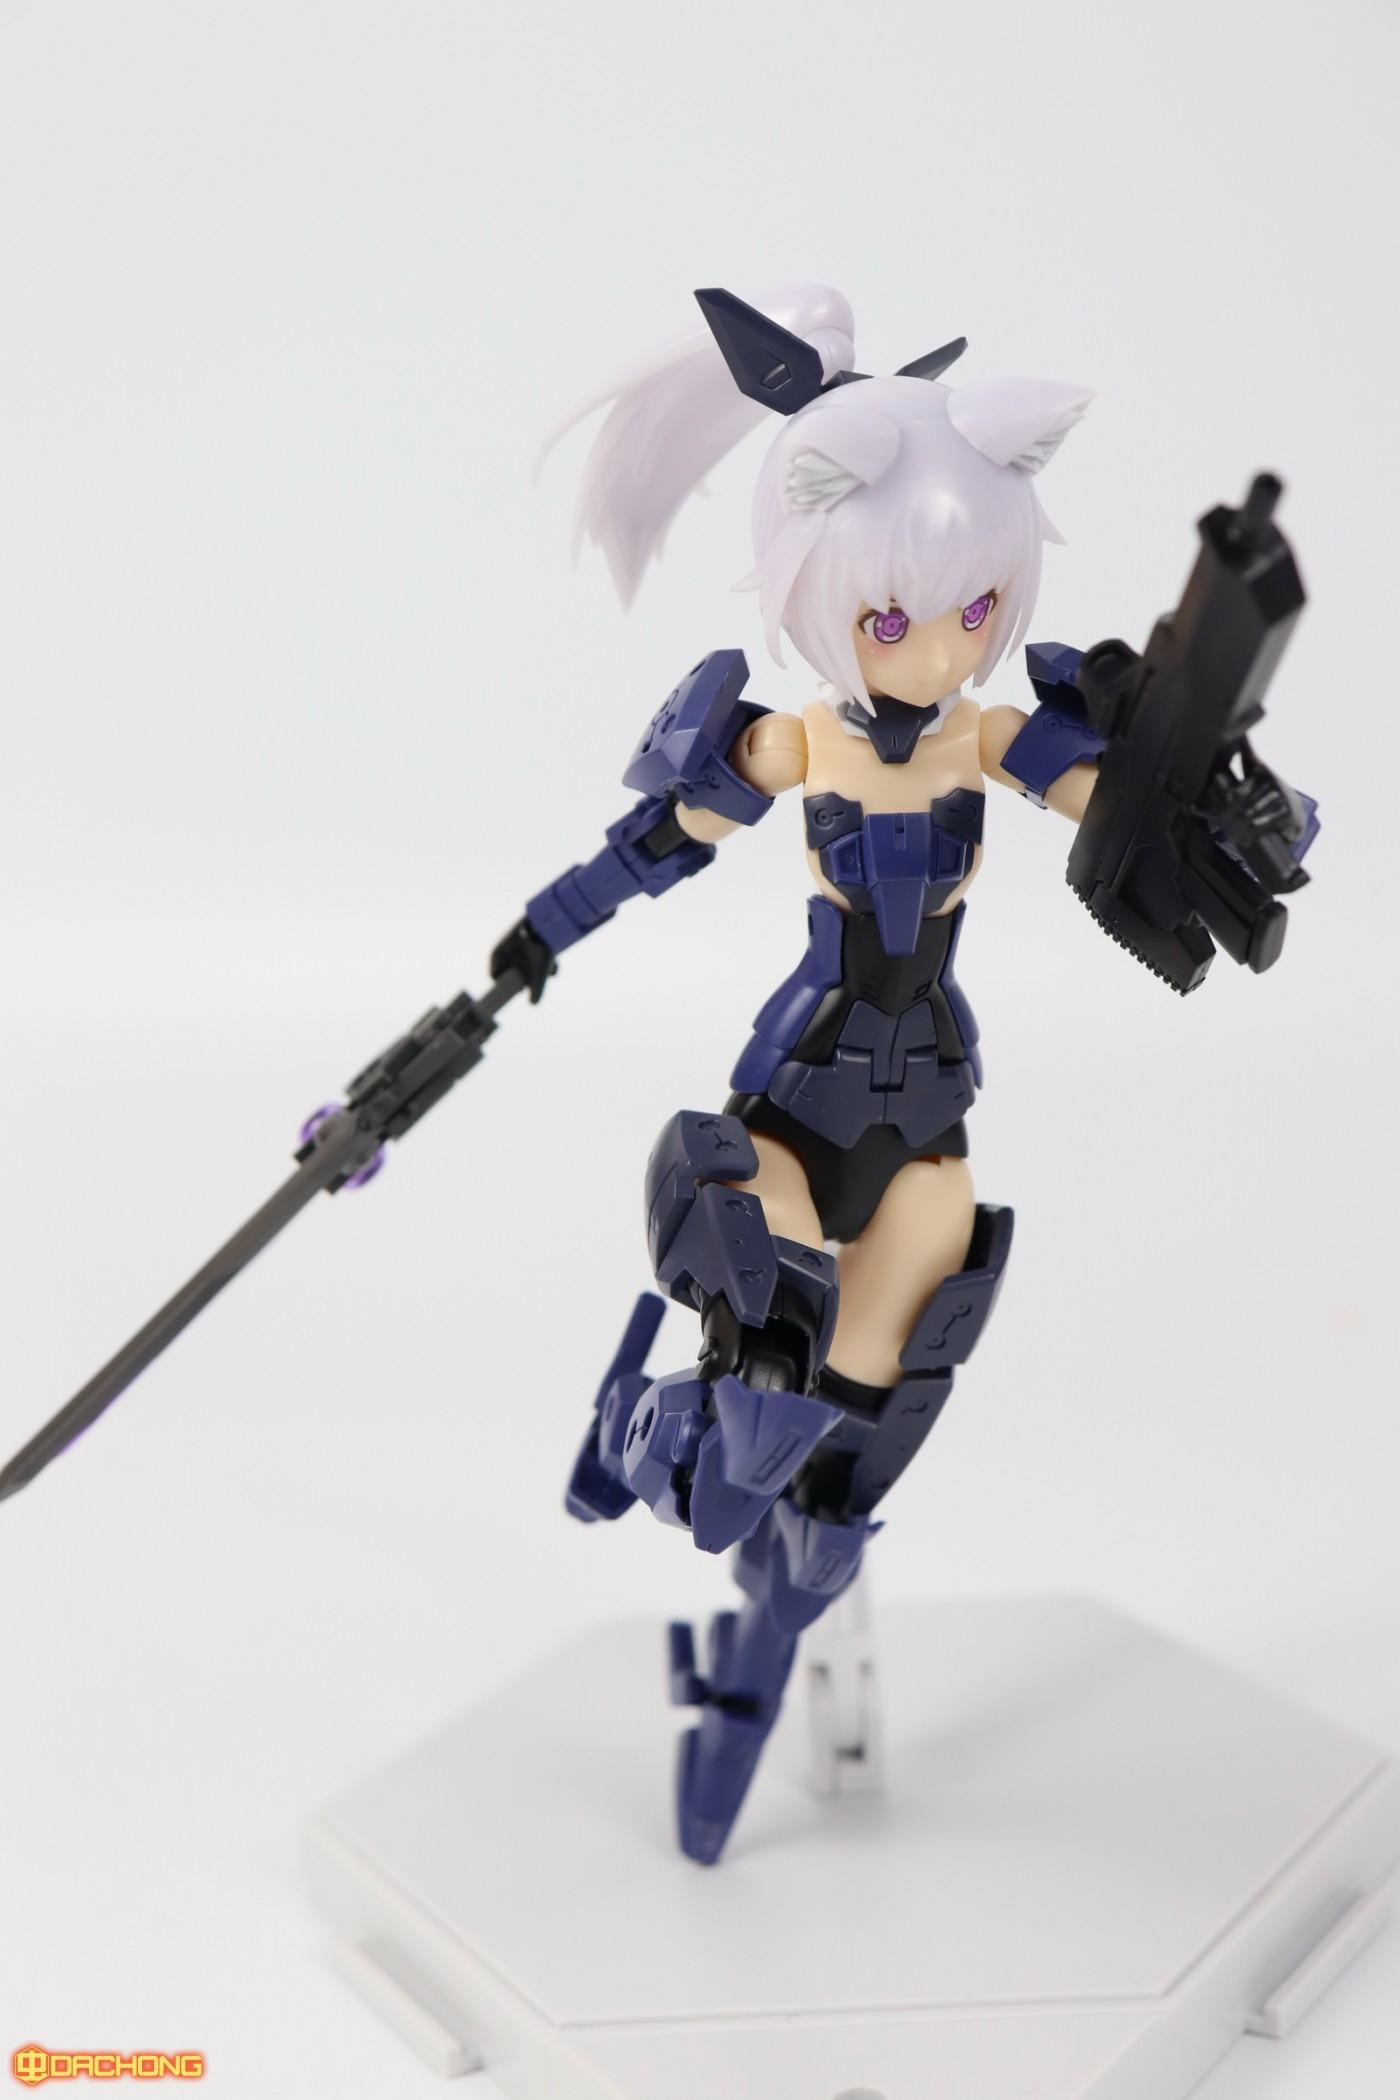 S273_Pretty_Armor_inask_064.jpg